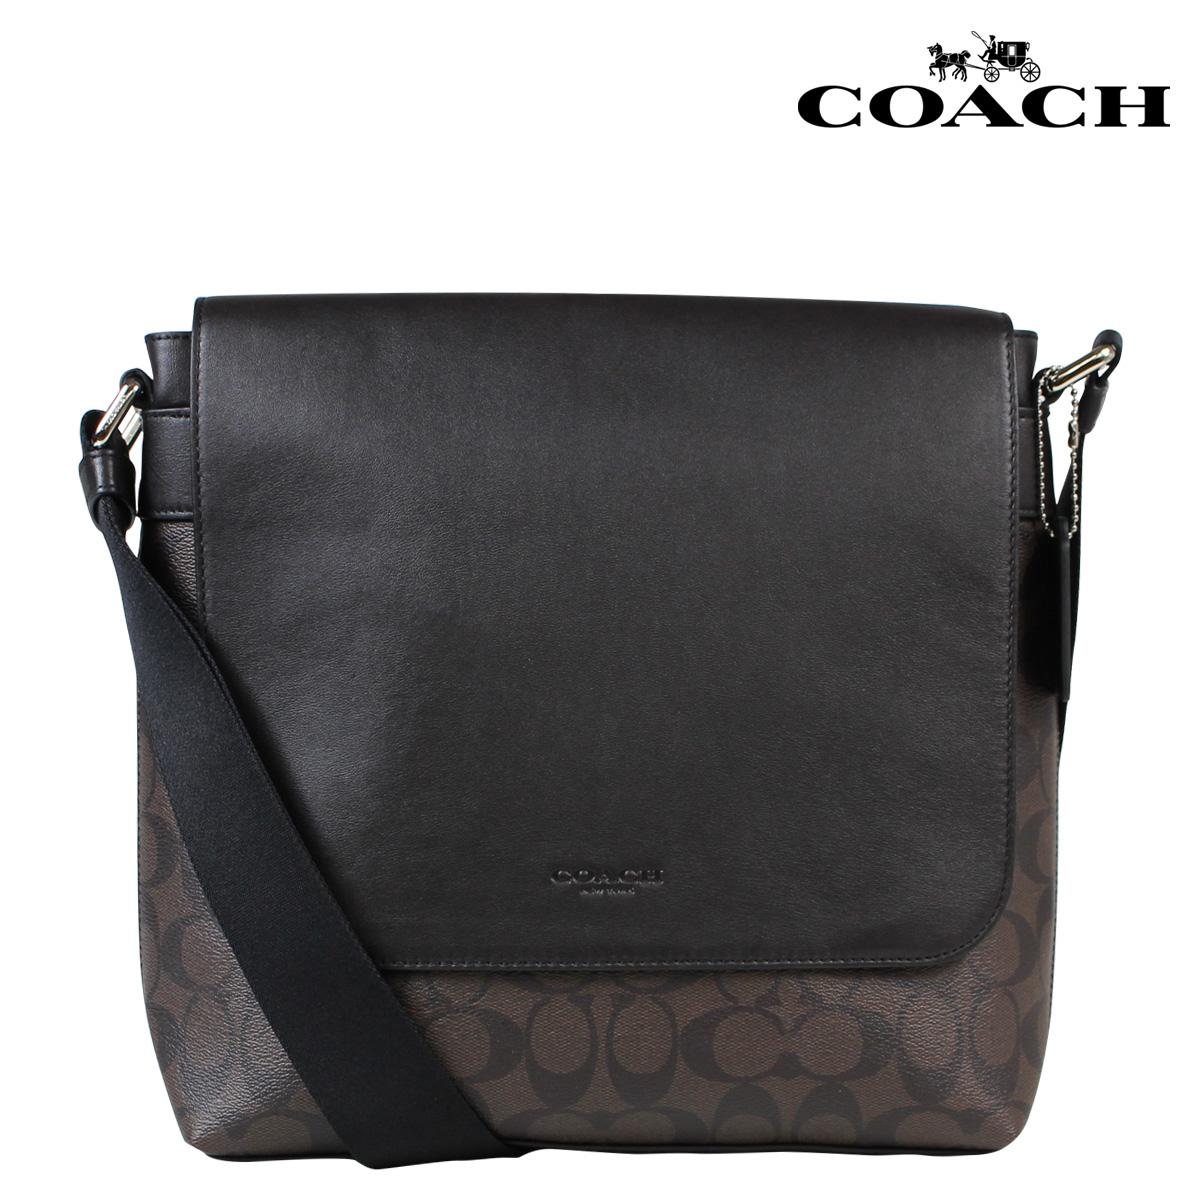 78e40c13db ALLSPORTS  COACH coach men s bags shoulder bag Messenger bag 54771 ...